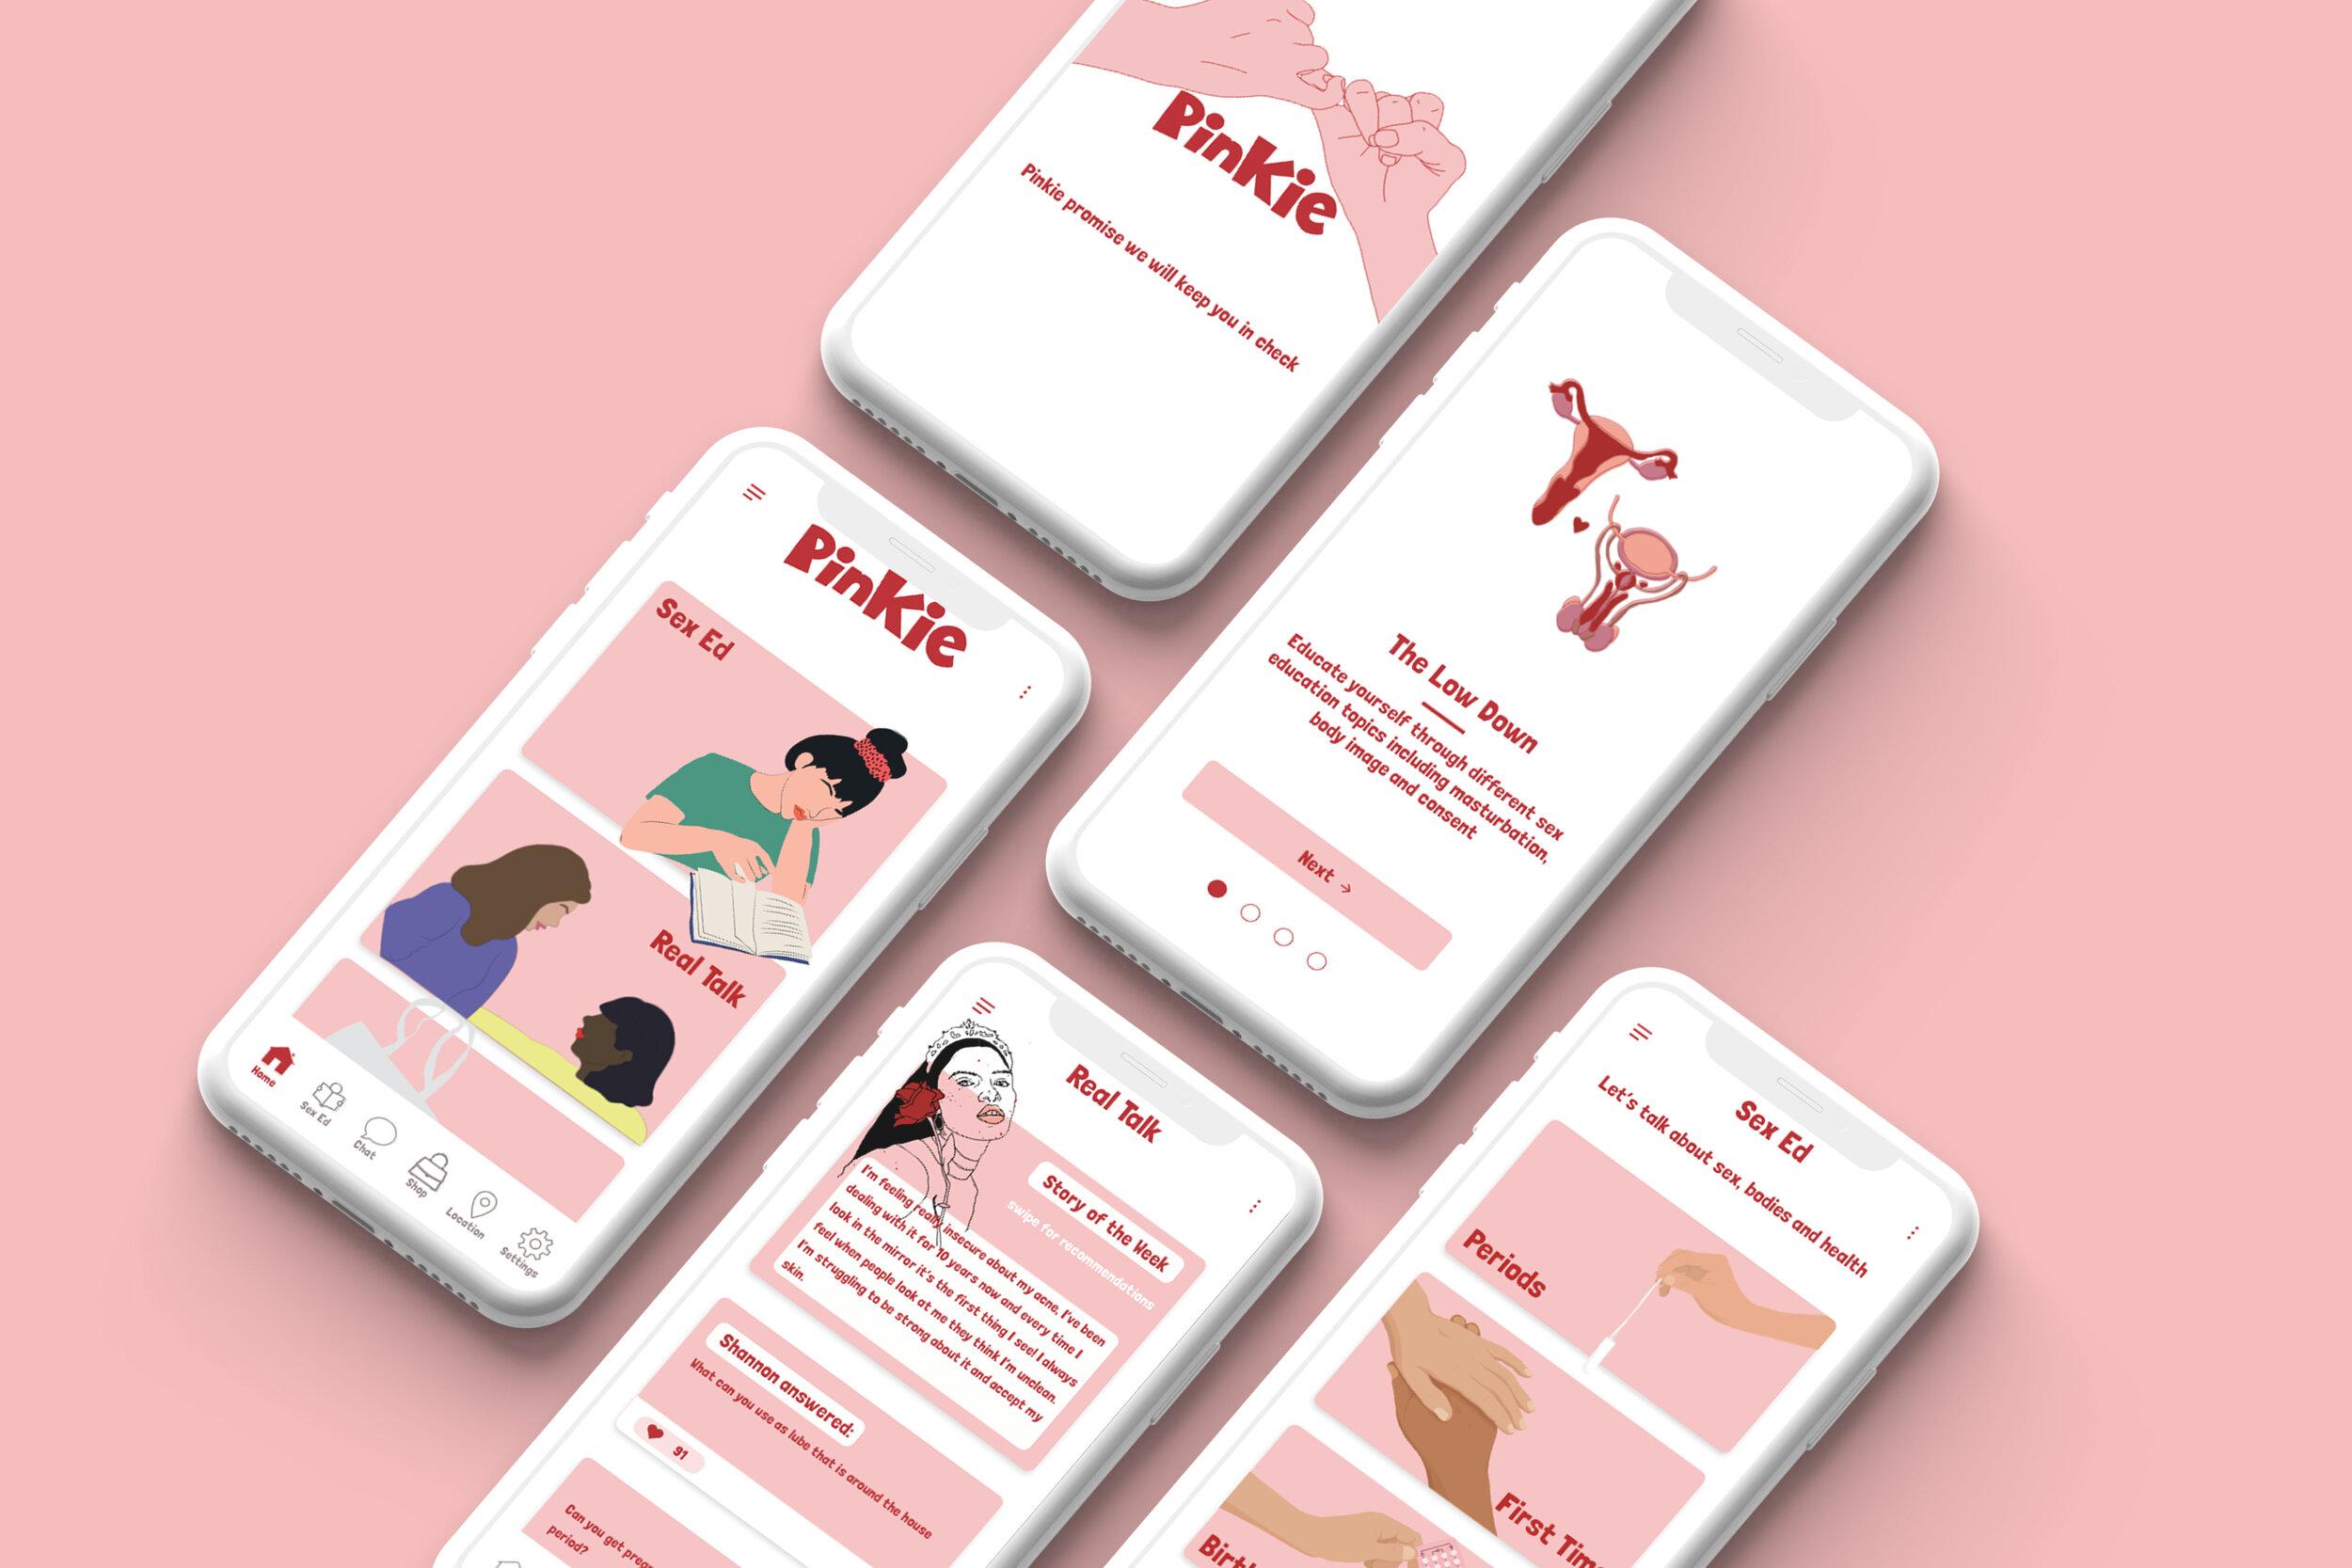 app mockup_1.jpg